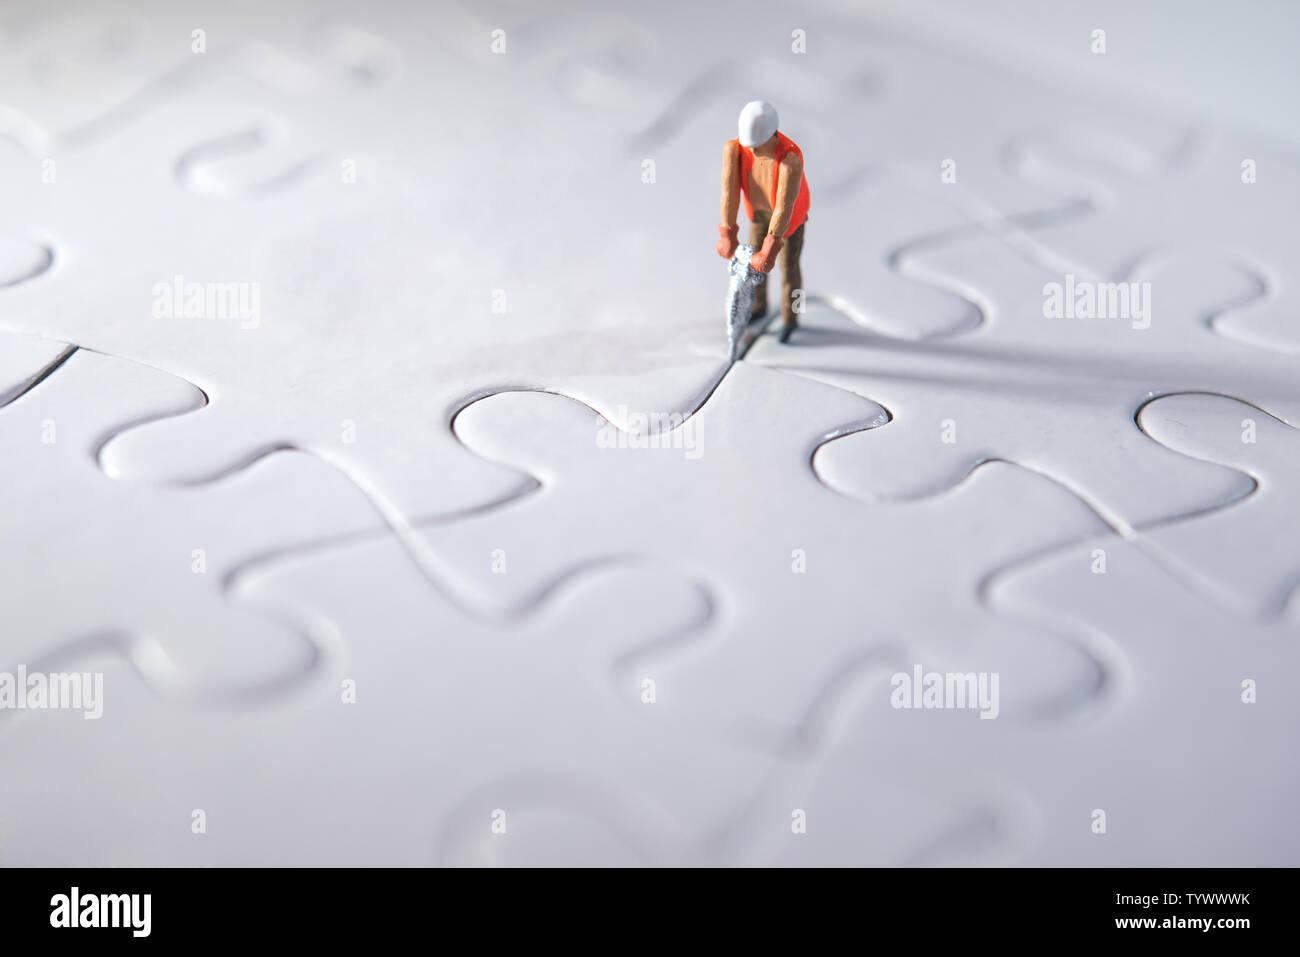 Persona en miniatura Construcción puzzles, haciendo camino para el equipo y el concepto de trabajo. Concepto de esfuerzo Foto de stock